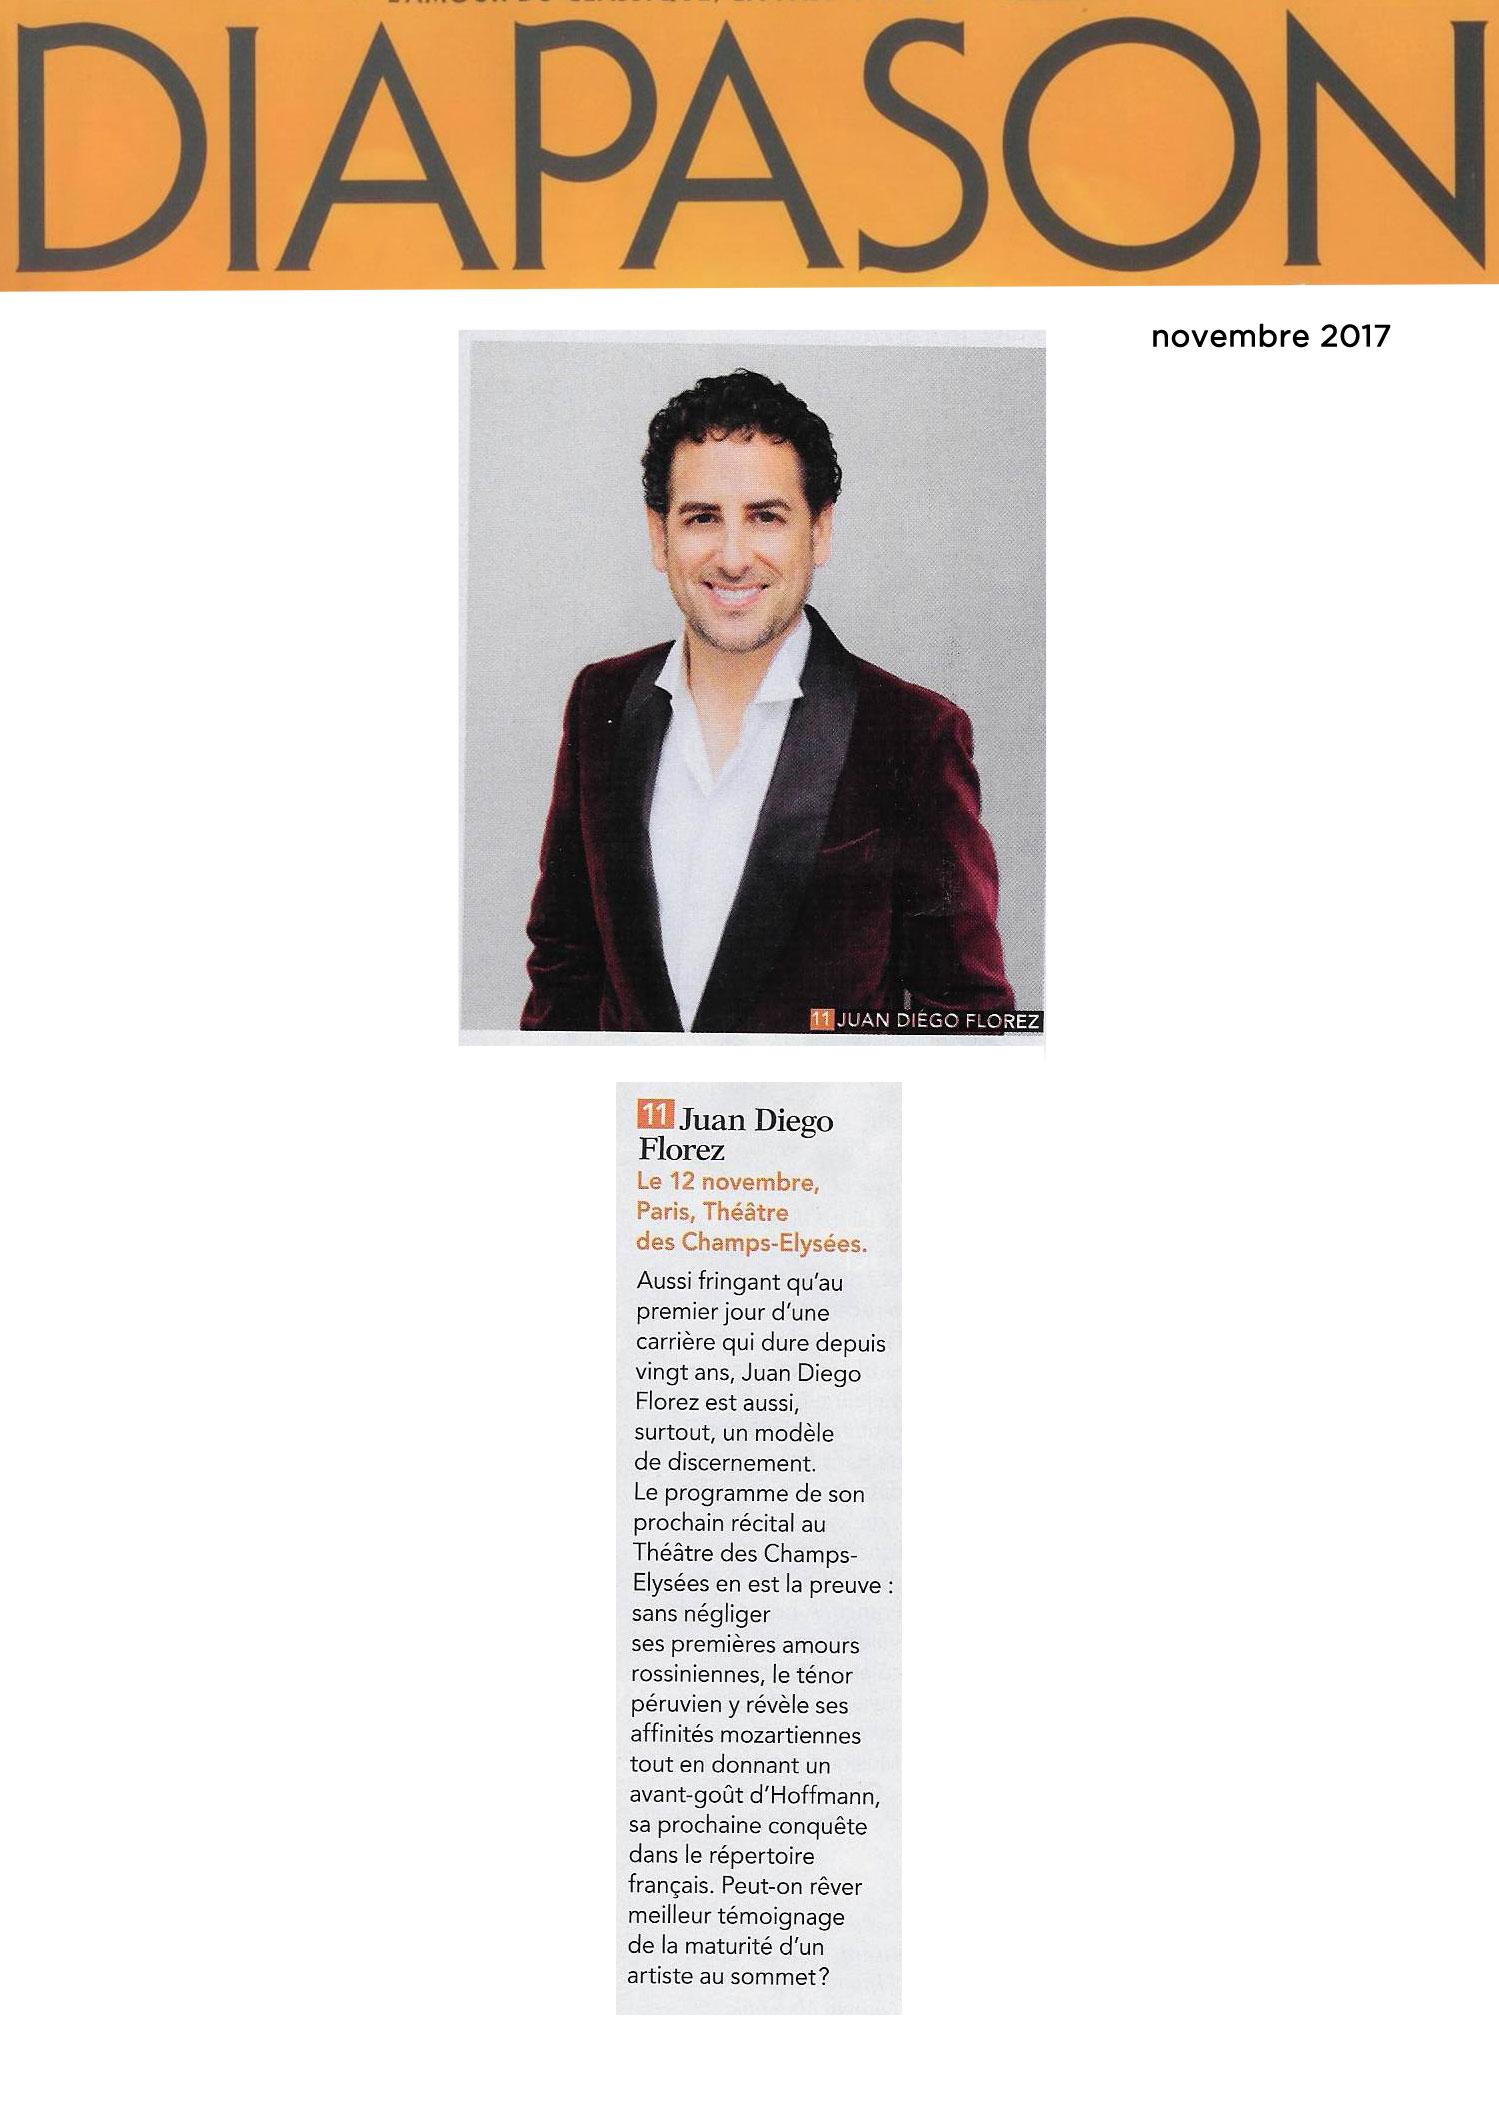 Annonce du récital de Juan Diego Flórez au Théâtre des Champs-Elysées le 12 novembre 2017 dans le numéro de Diapason de novembre 2017.